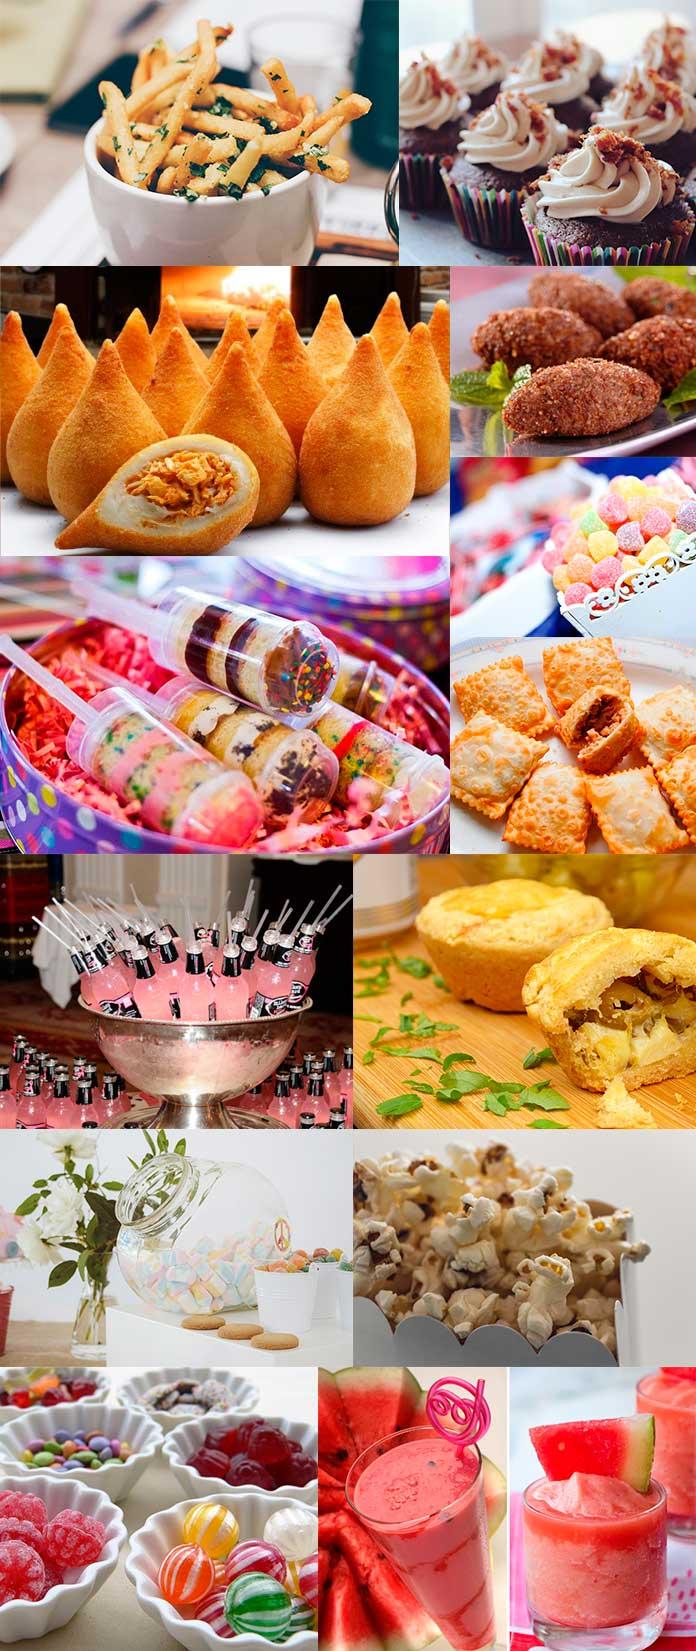 Inspirações de Comidas e Bebidas para Festa de 15 Anos Simples